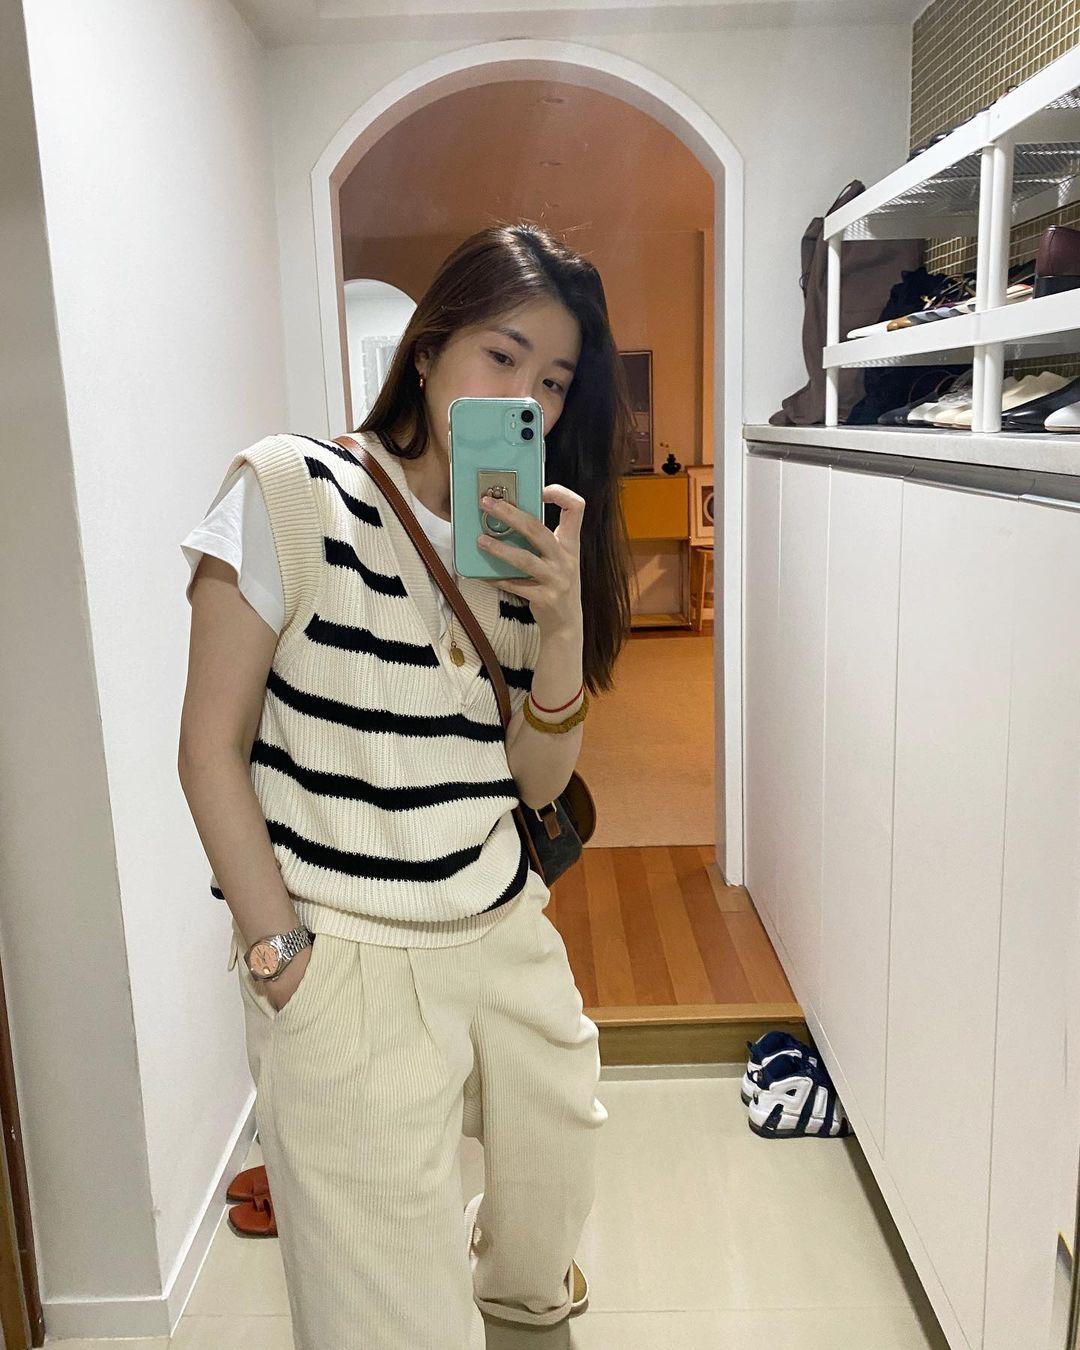 Tổng hợp đồ Zara sao Hàn vừa diện: Toàn món trendy xinh tươi, thích nhất là giá chỉ từ 500k - Ảnh 4.